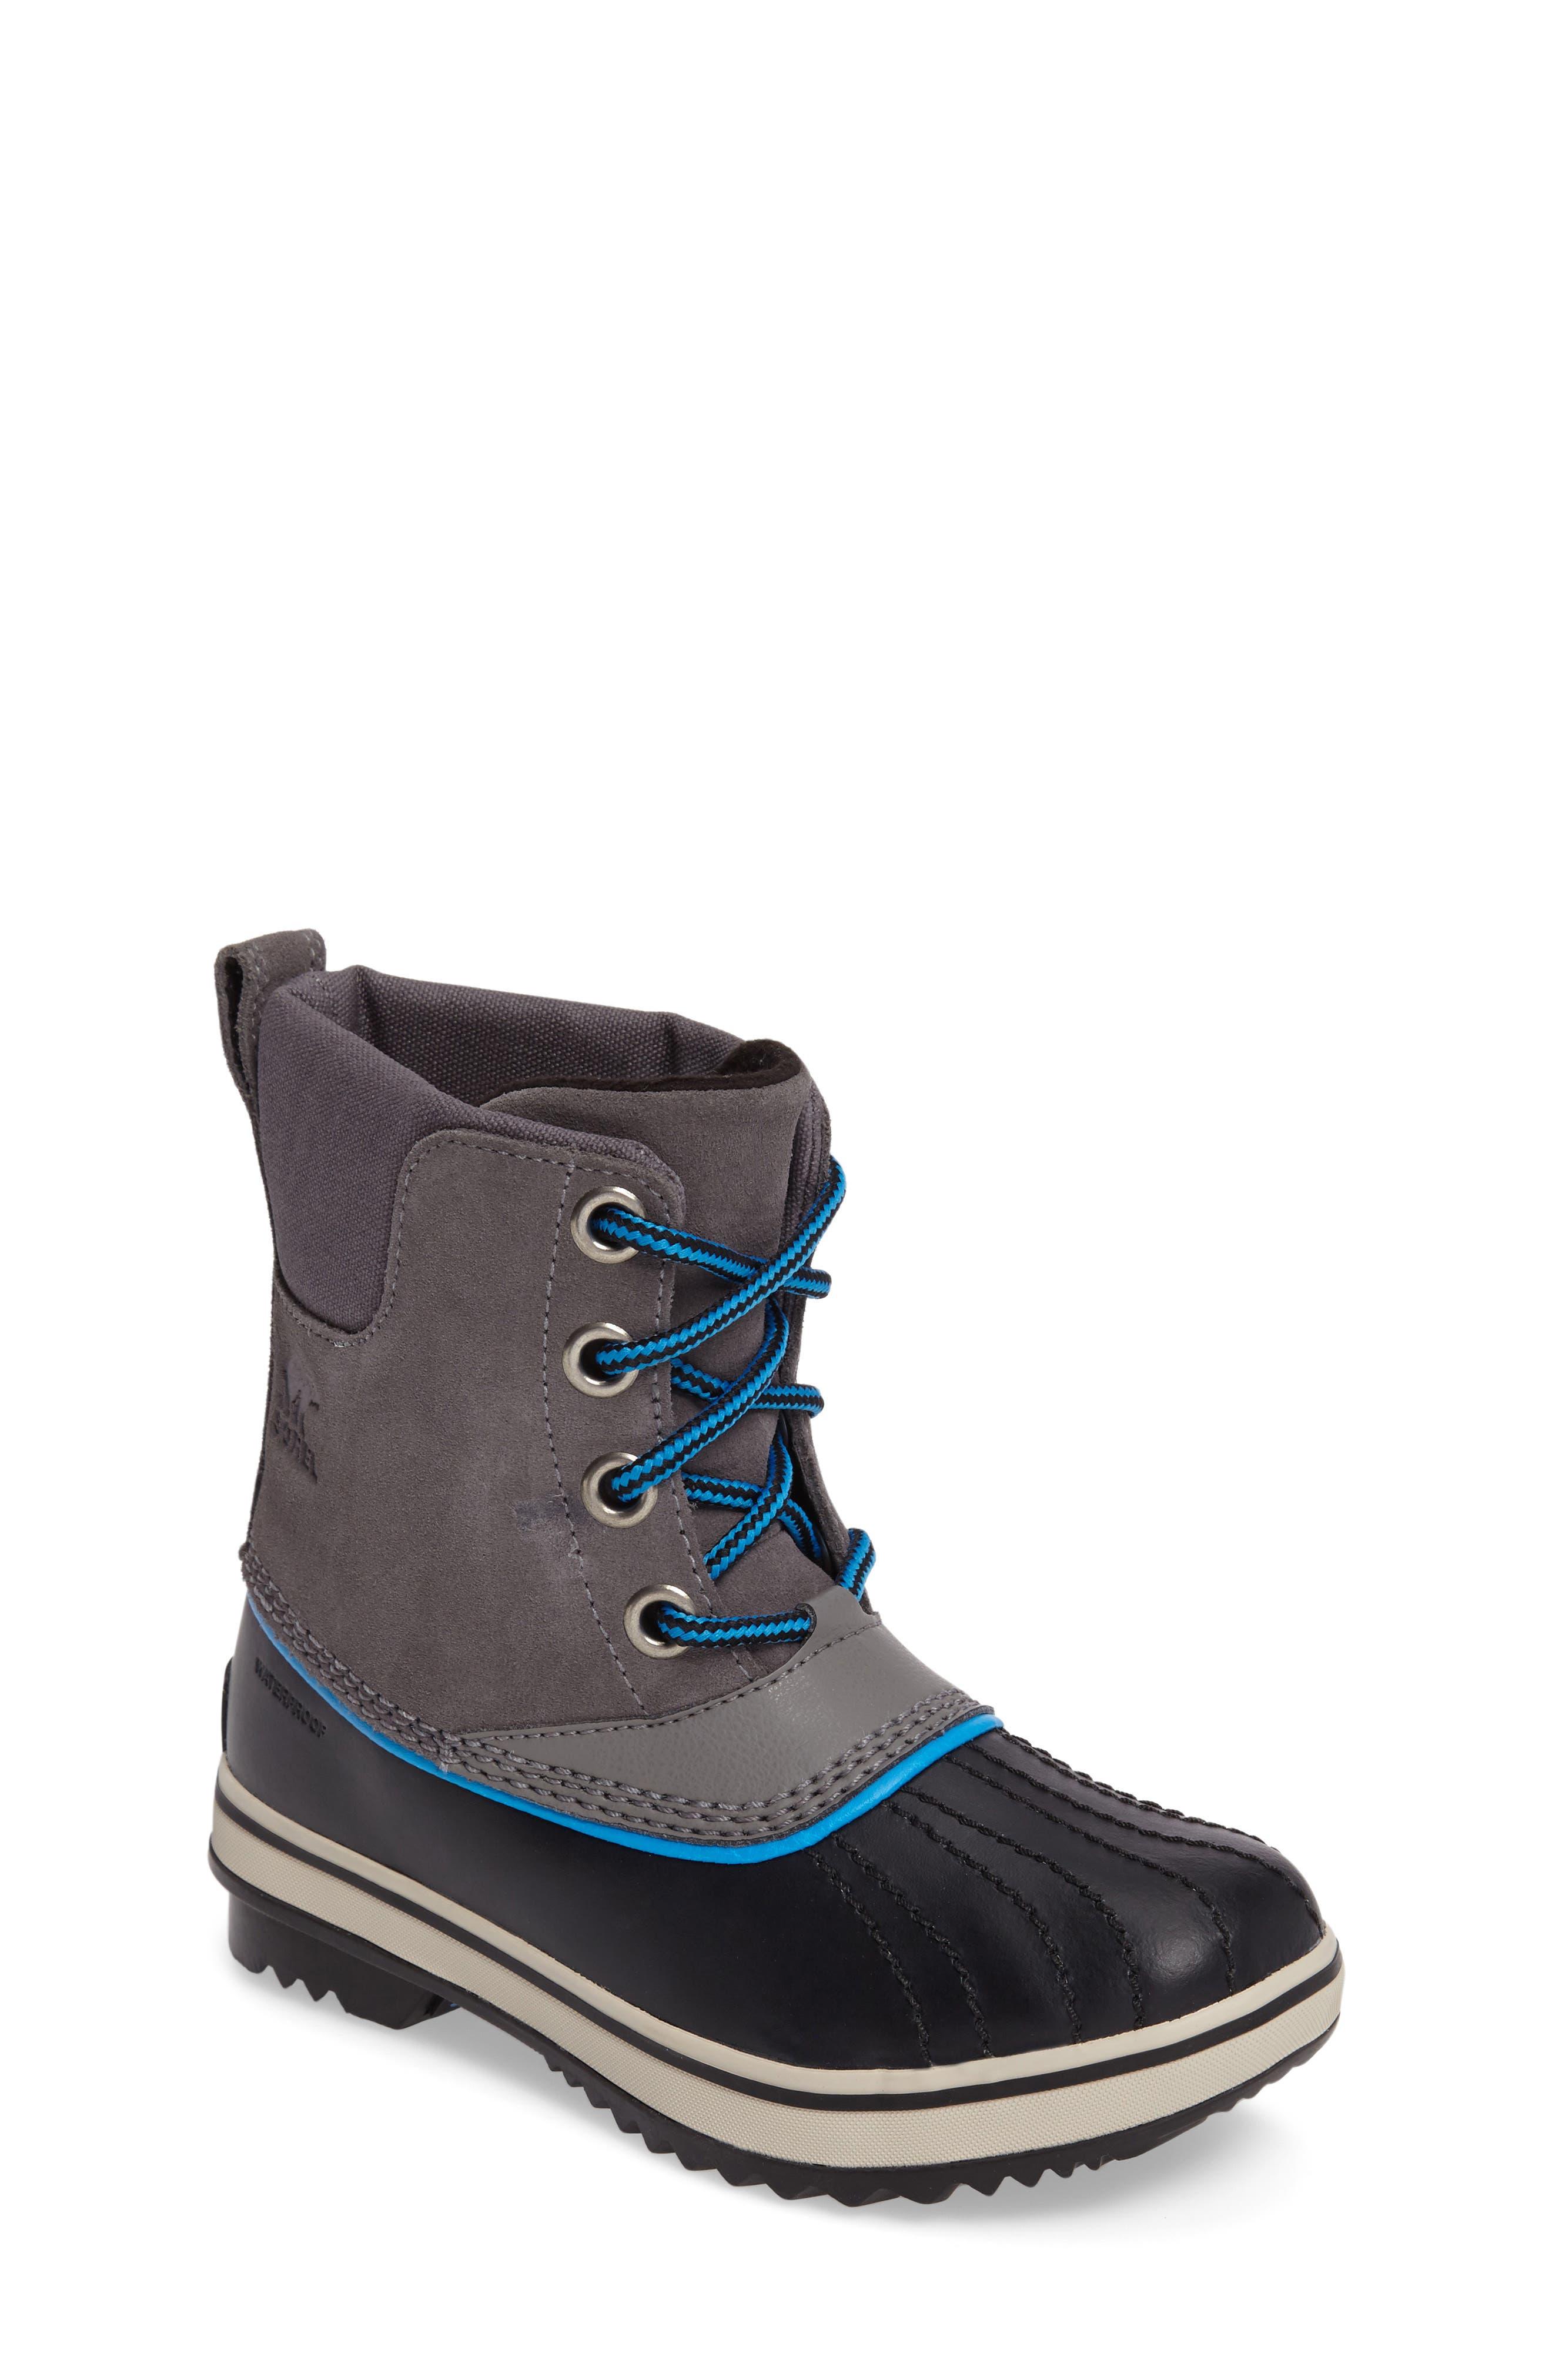 Alternate Image 1 Selected - SOREL 'Slimpack II' Waterproof Boot (Little Kid & Big Kid)